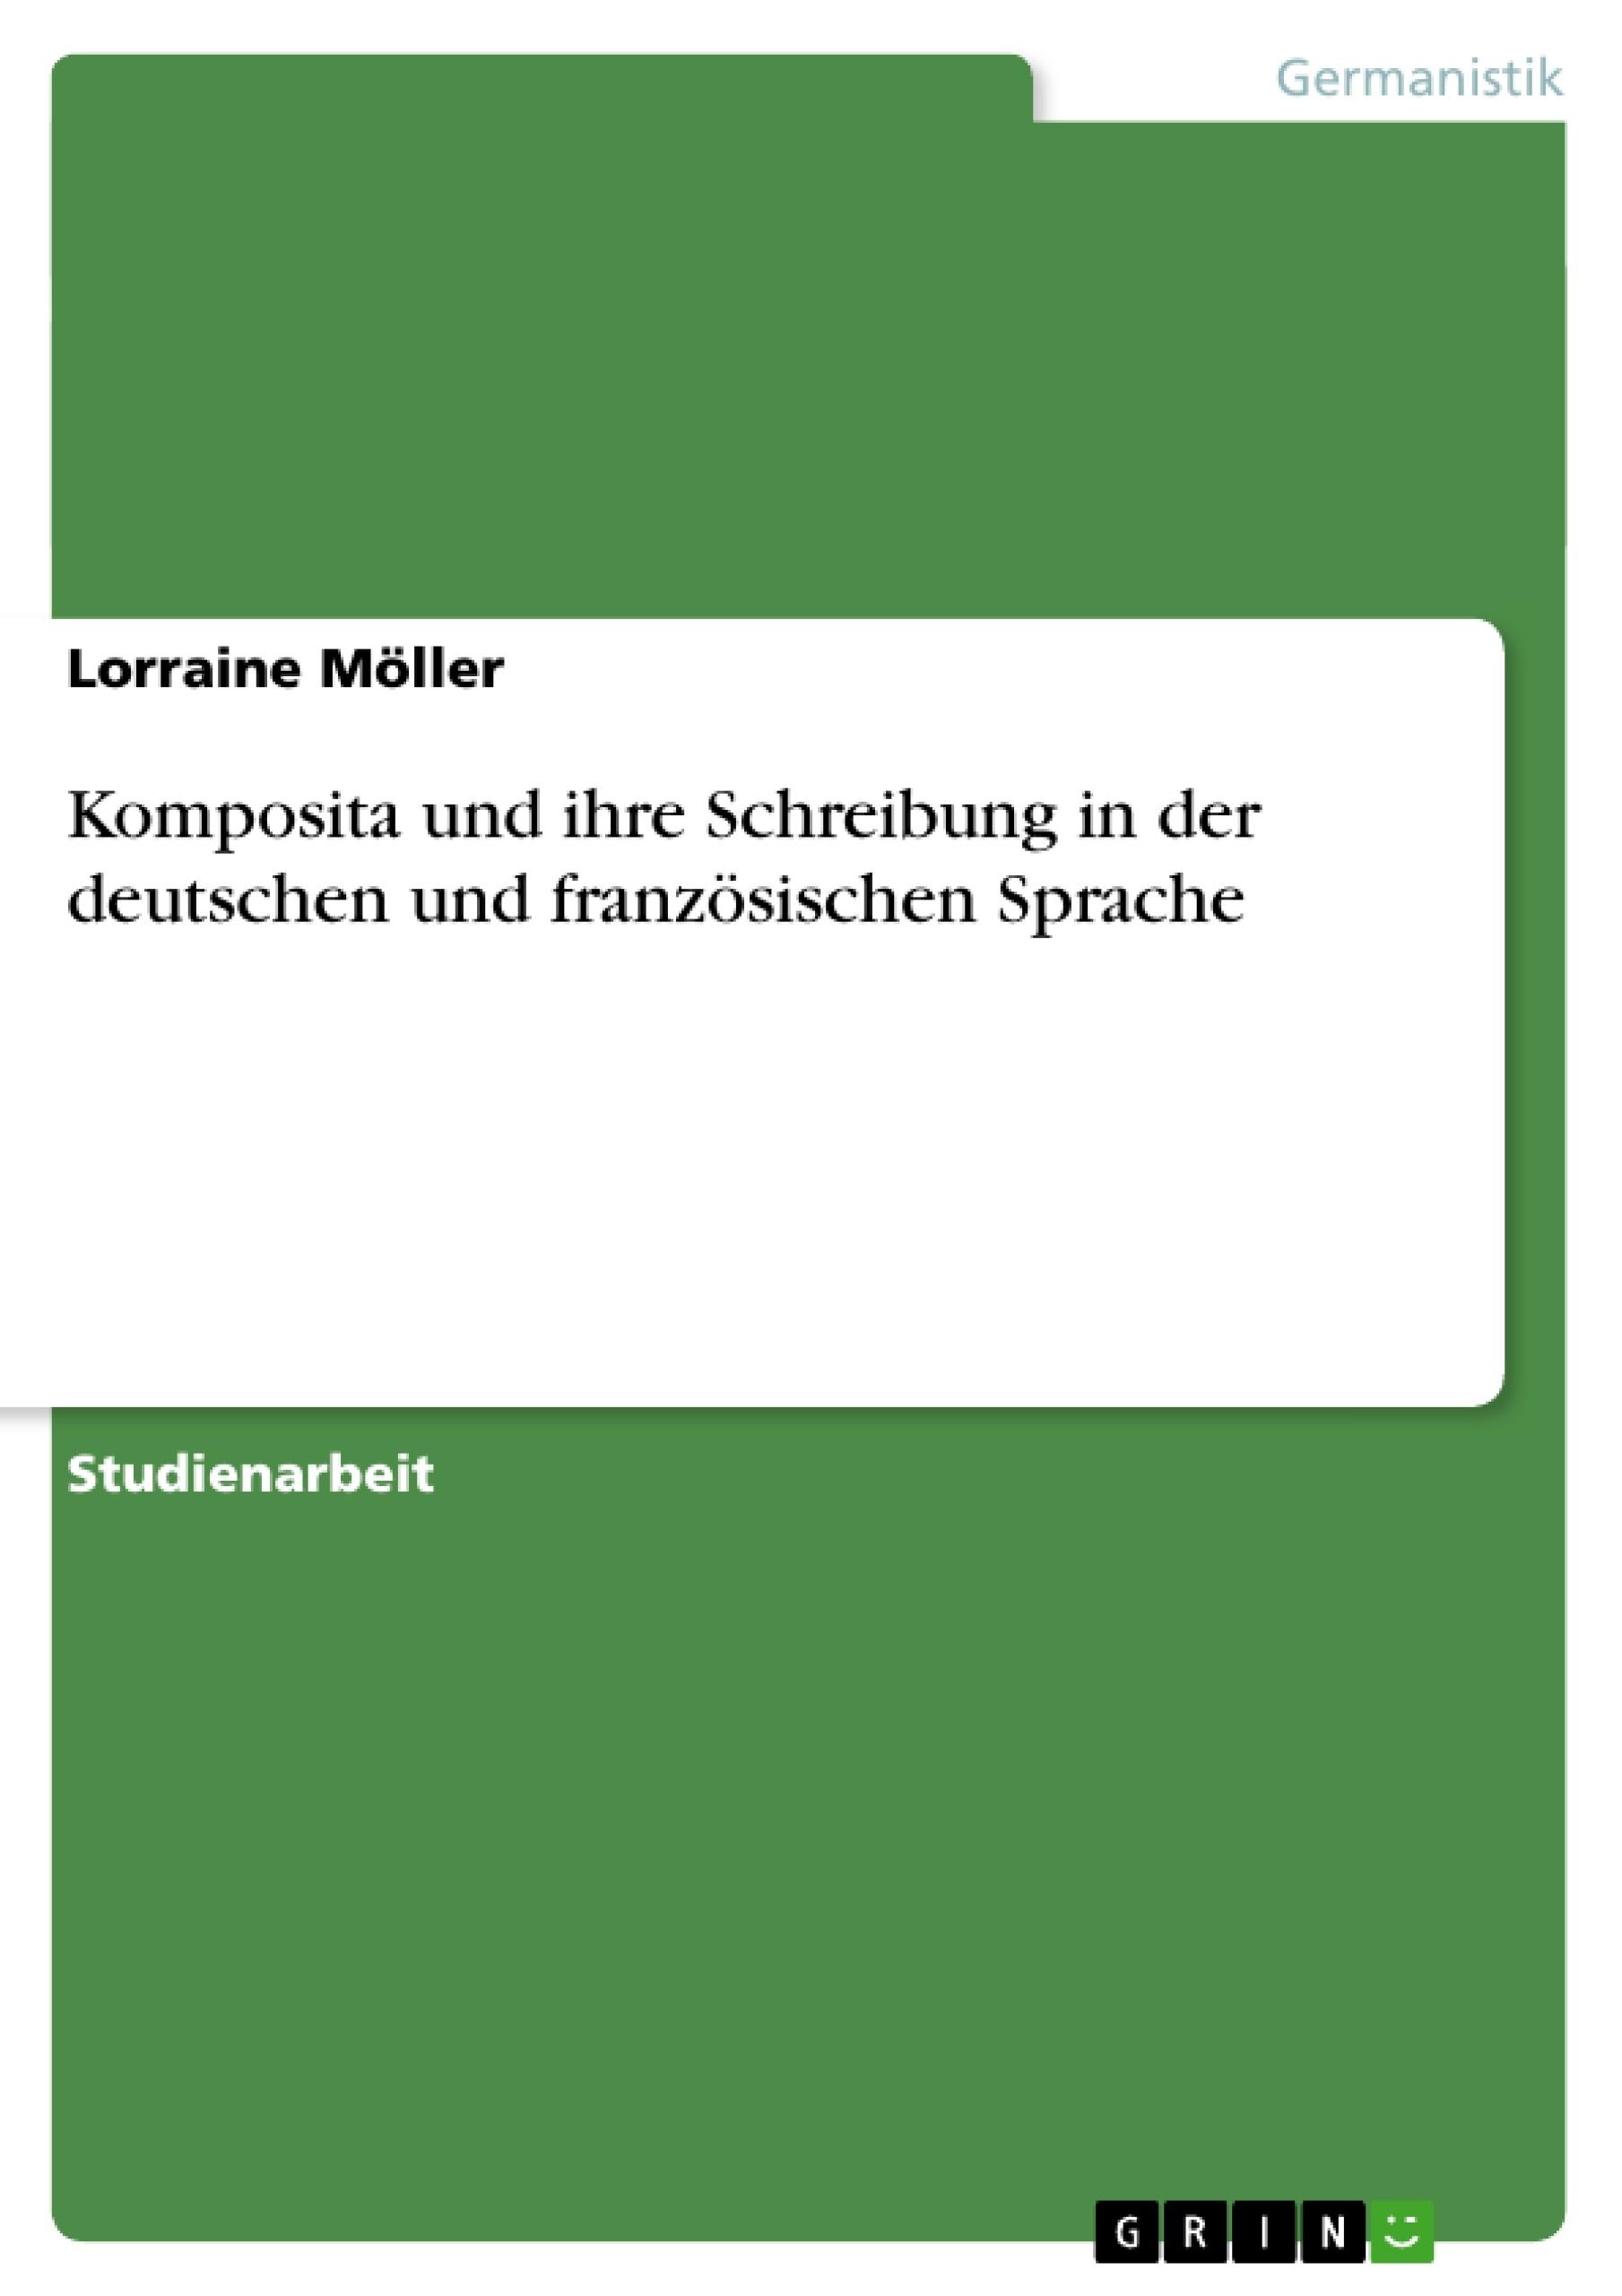 Titel: Komposita und ihre Schreibung in der deutschen und französischen Sprache